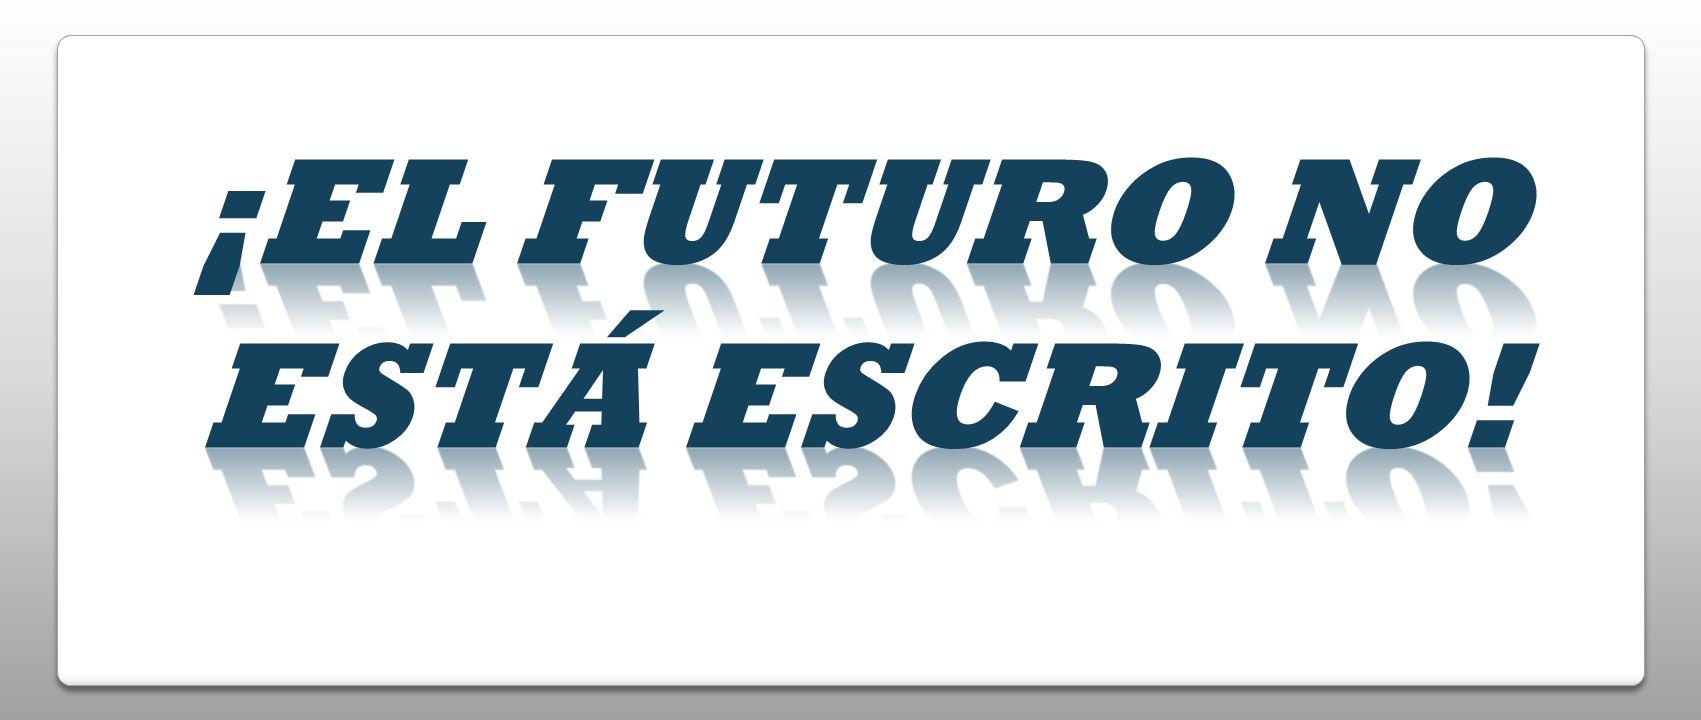 ¡El futuro no está escrito!